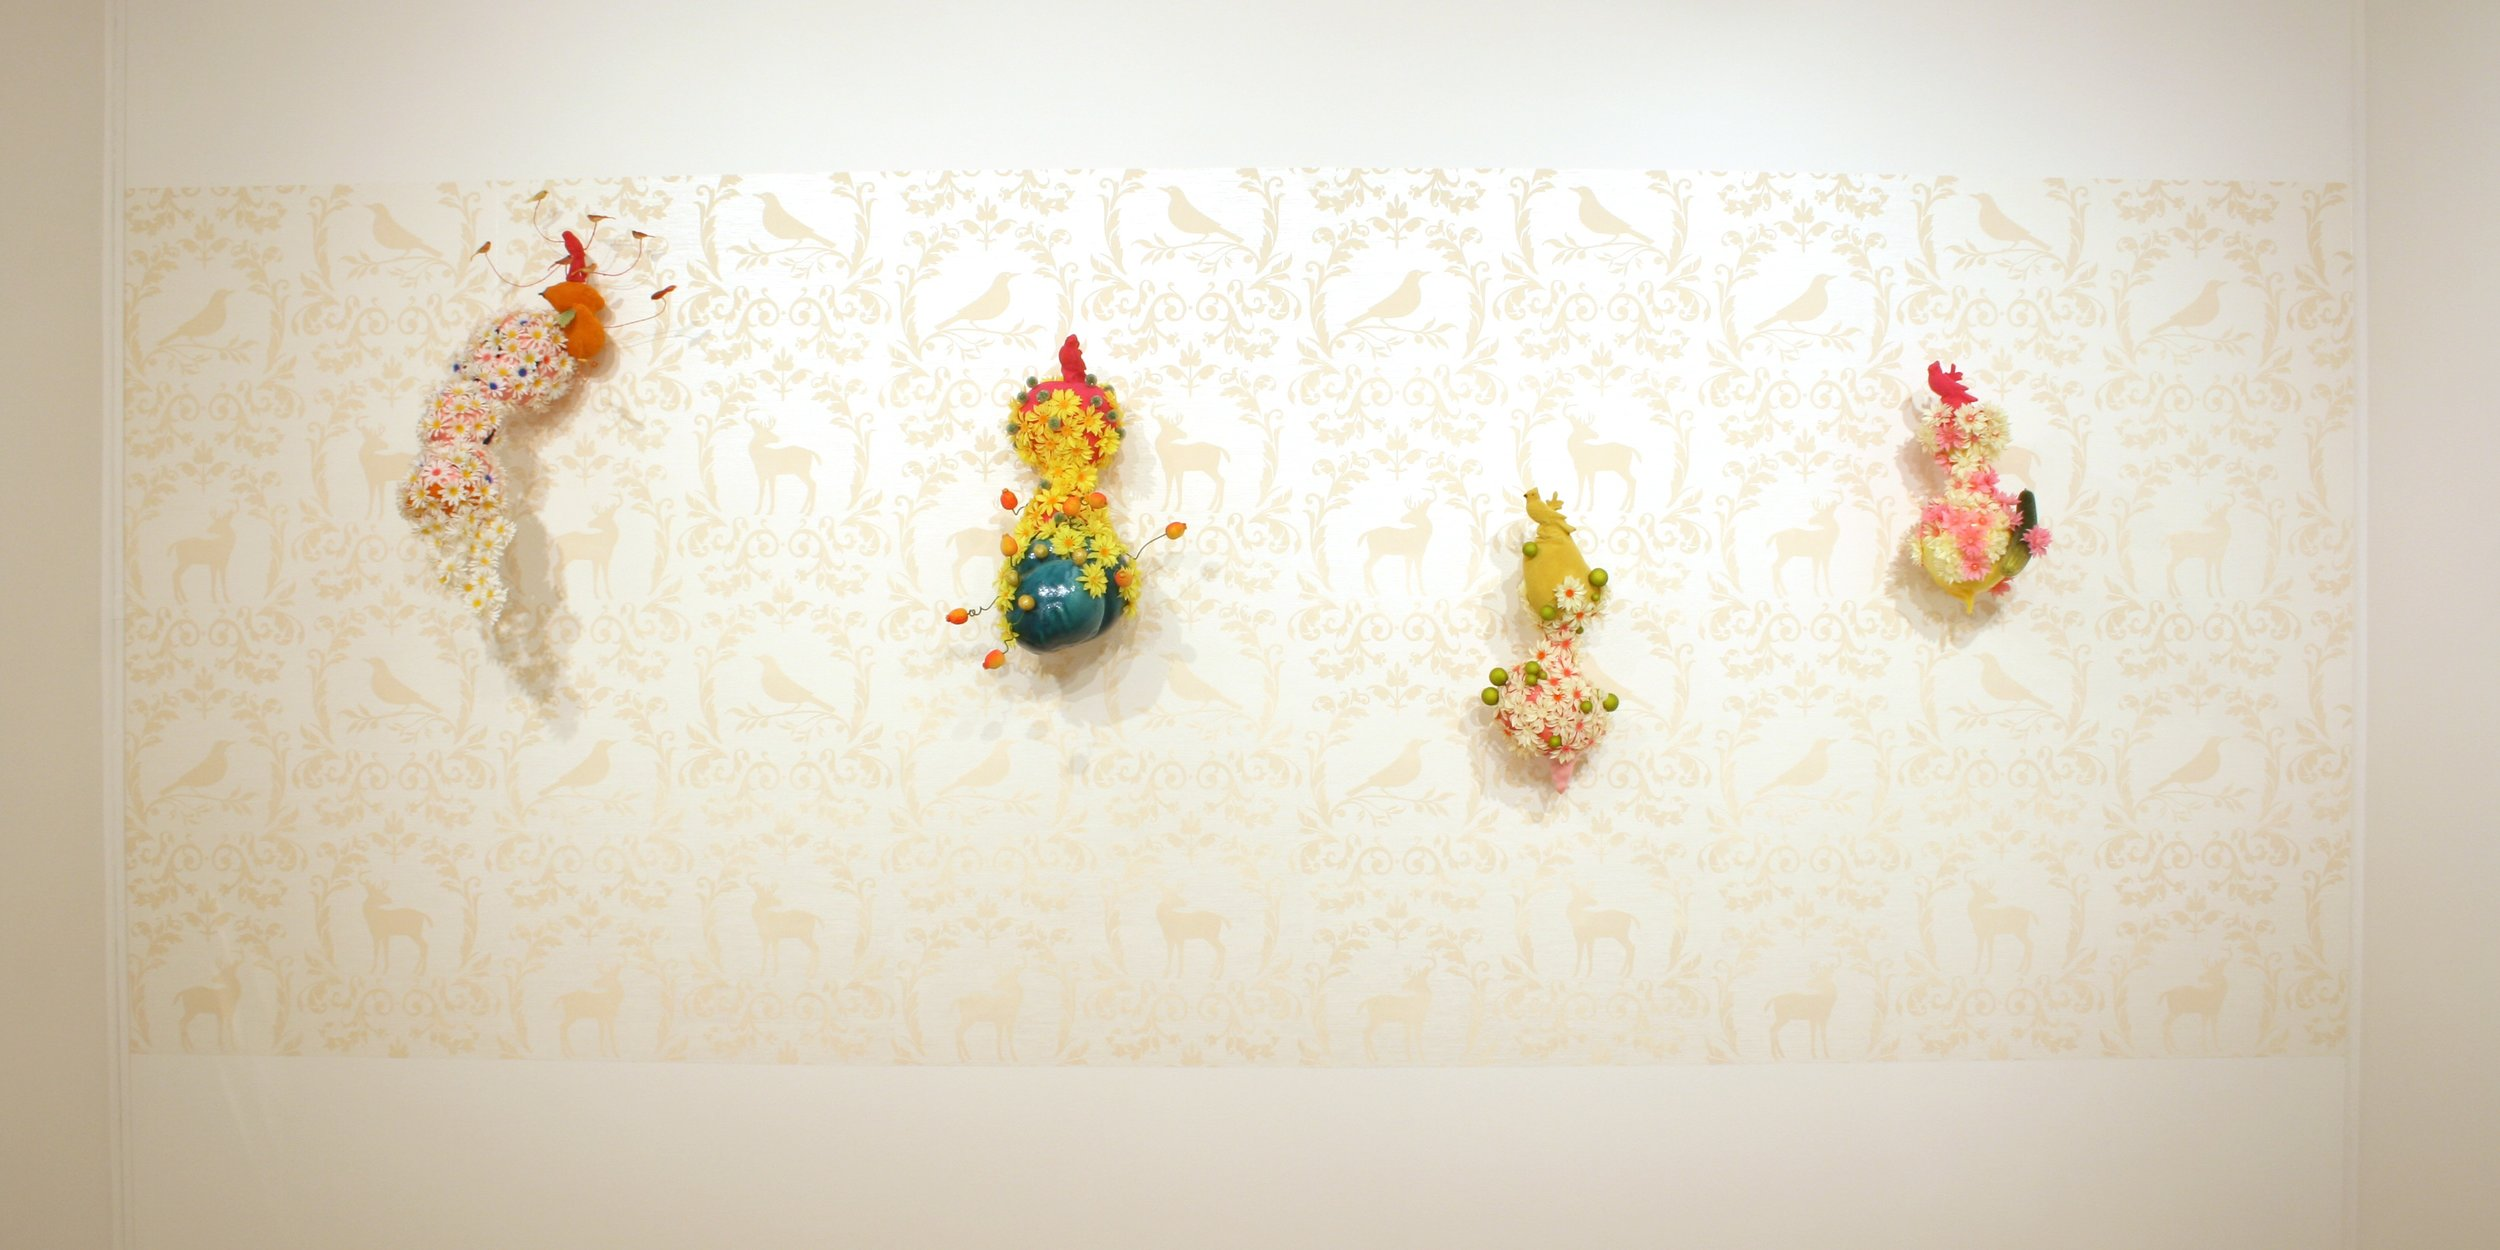 Flower Blobs on Flocked wallpaper.jpg